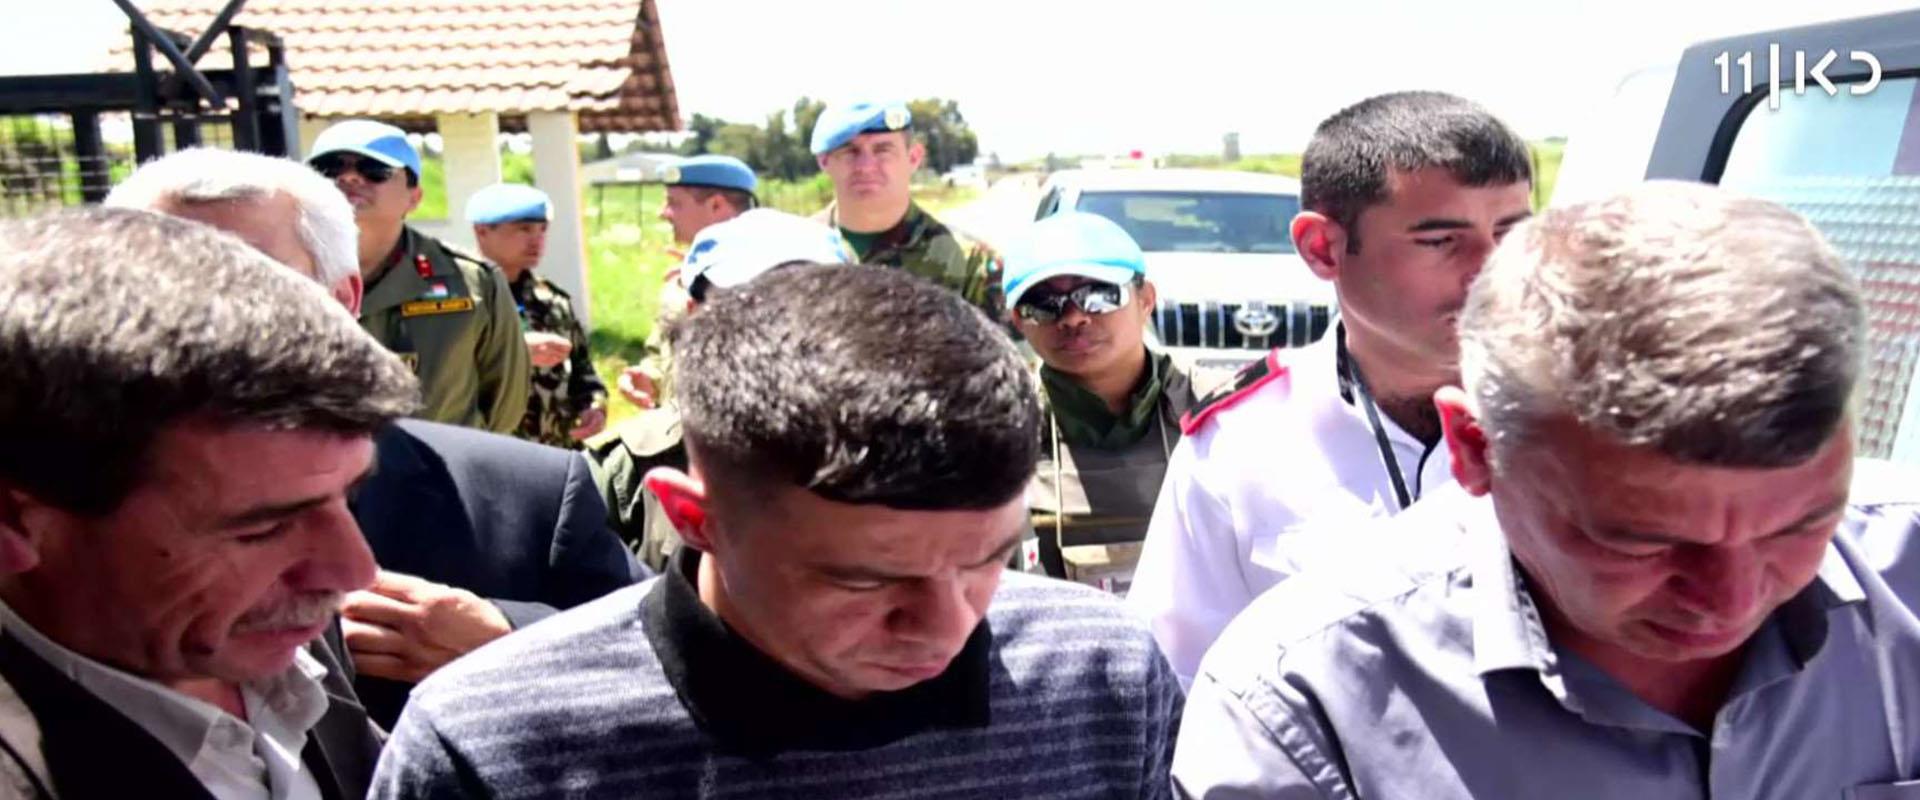 כך נראתה קבלת הפנים לאסירים הסורים ששוחררו